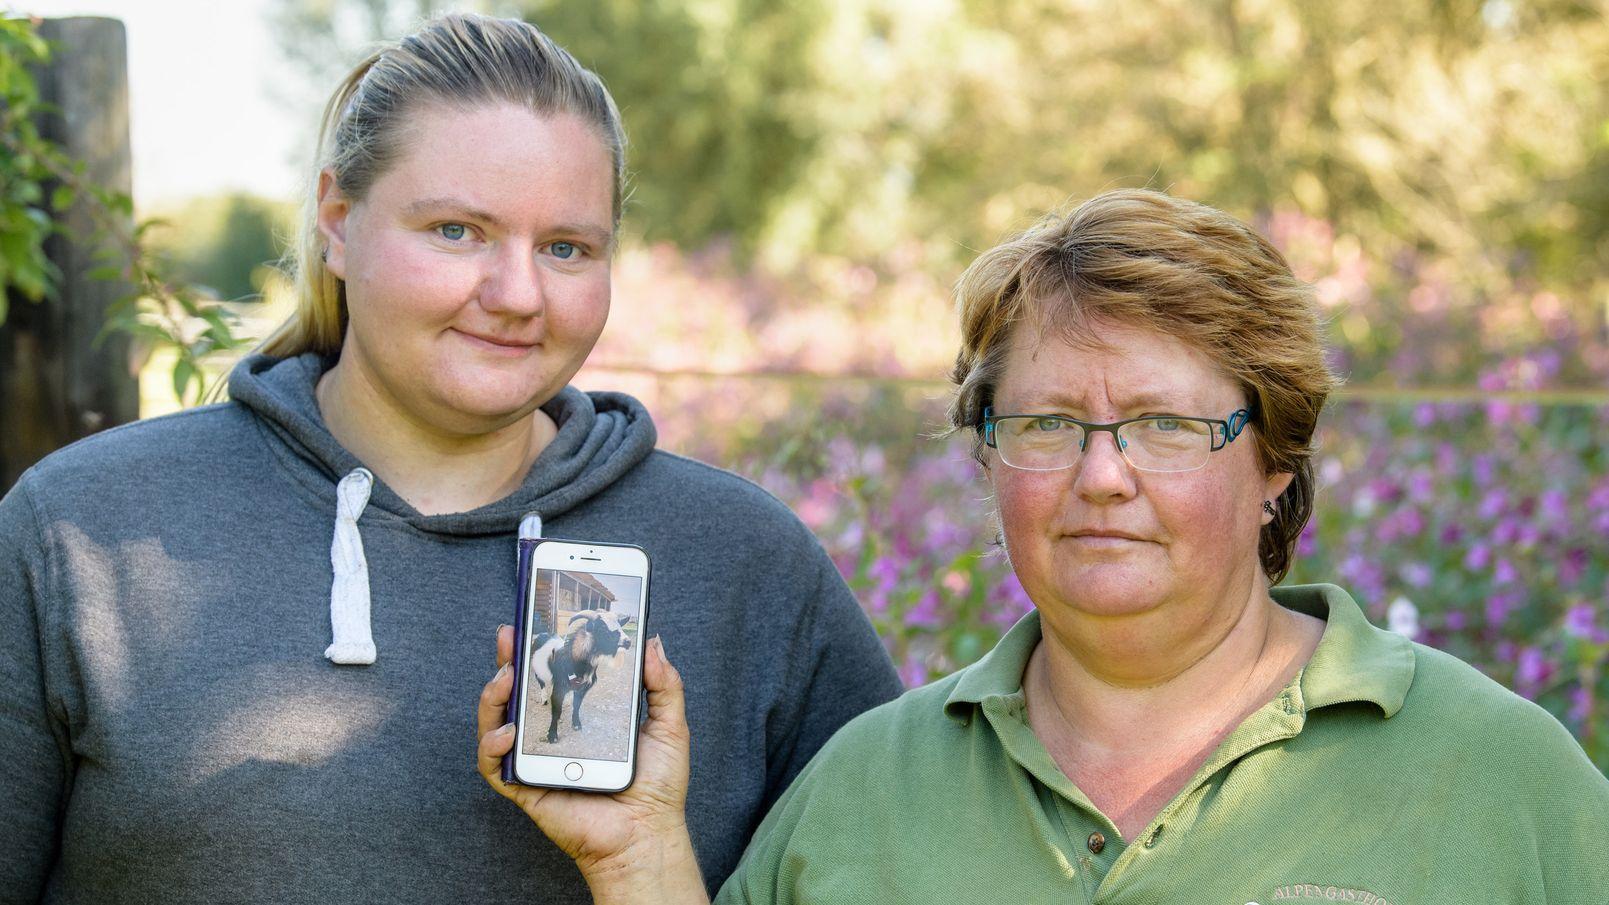 """Elisabeth A. (r) und Tochter Magdalena zeigen ein Bild vom Ziegenbock """"Hui Buh""""."""